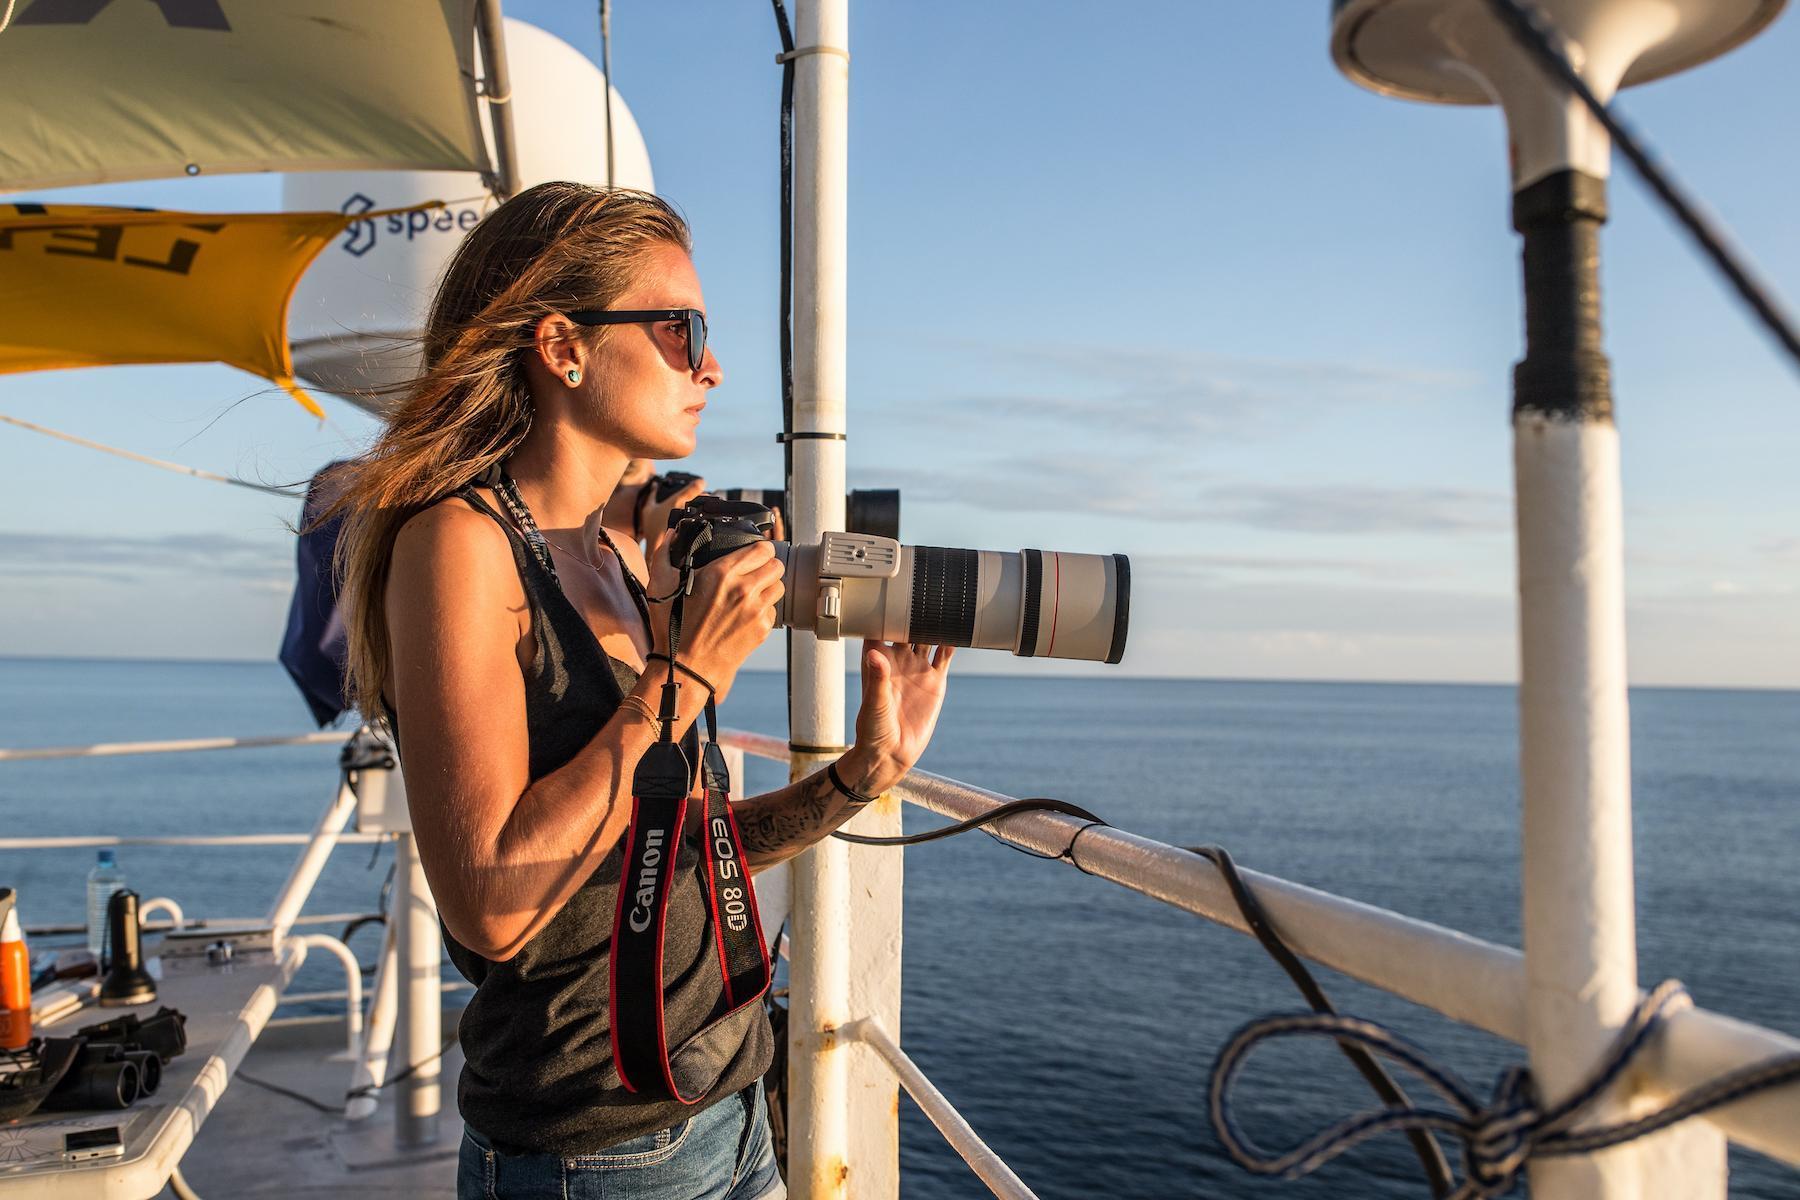 Margot, avec son appareil photo, sur un bateau, regardant l'horizon